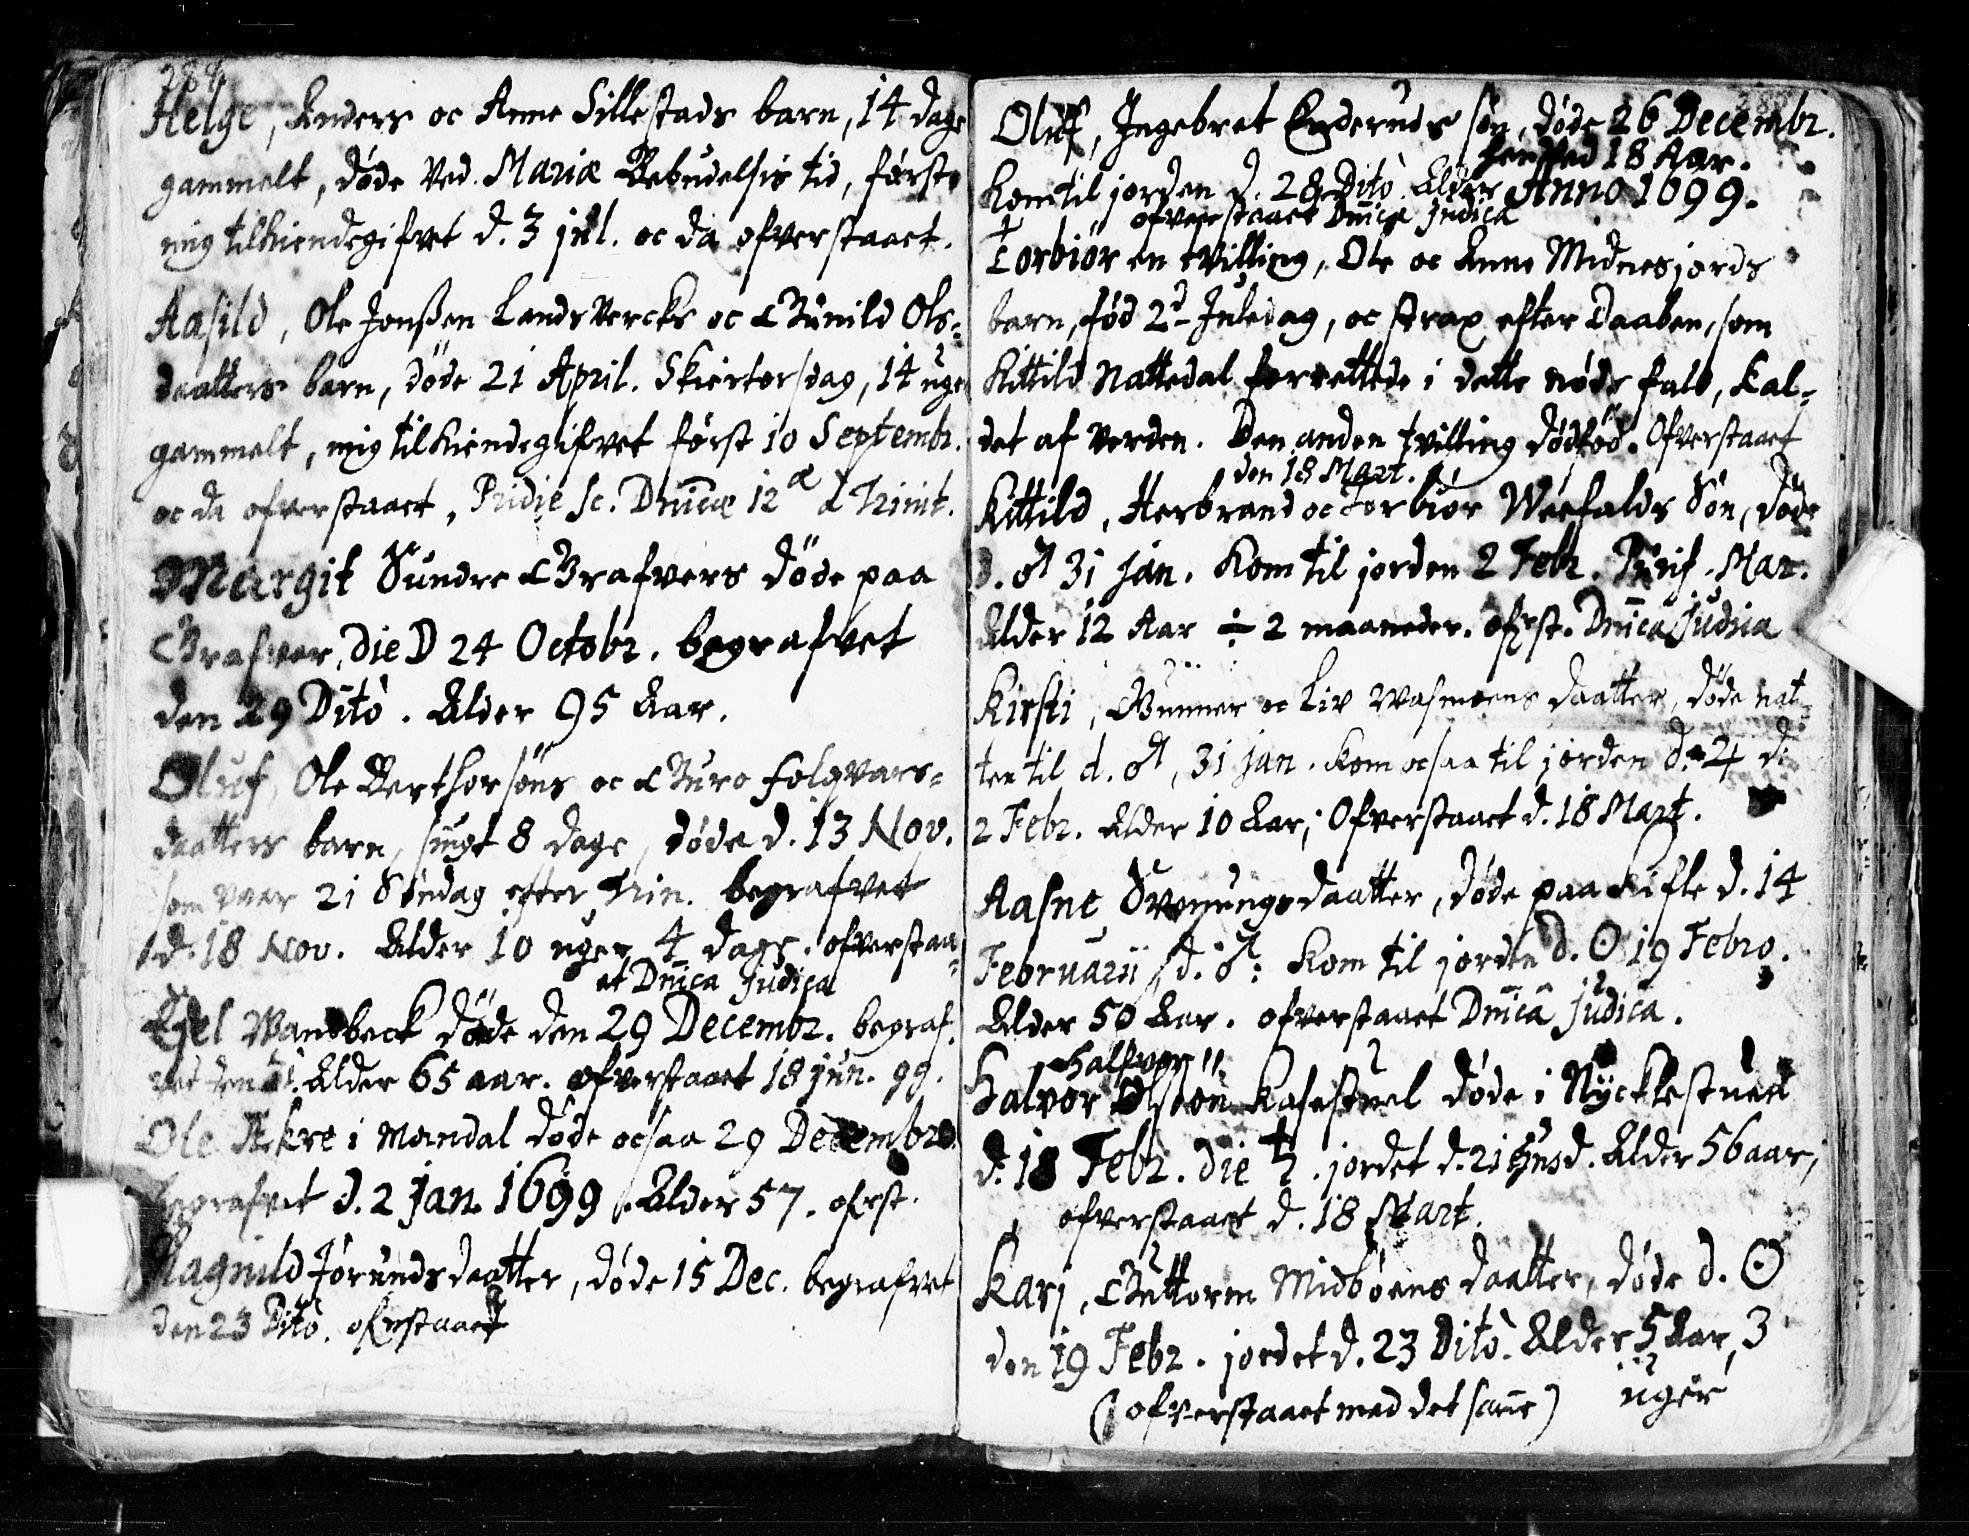 SAKO, Seljord kirkebøker, F/Fa/L0002: Ministerialbok nr. I 2, 1689-1713, s. 284-285